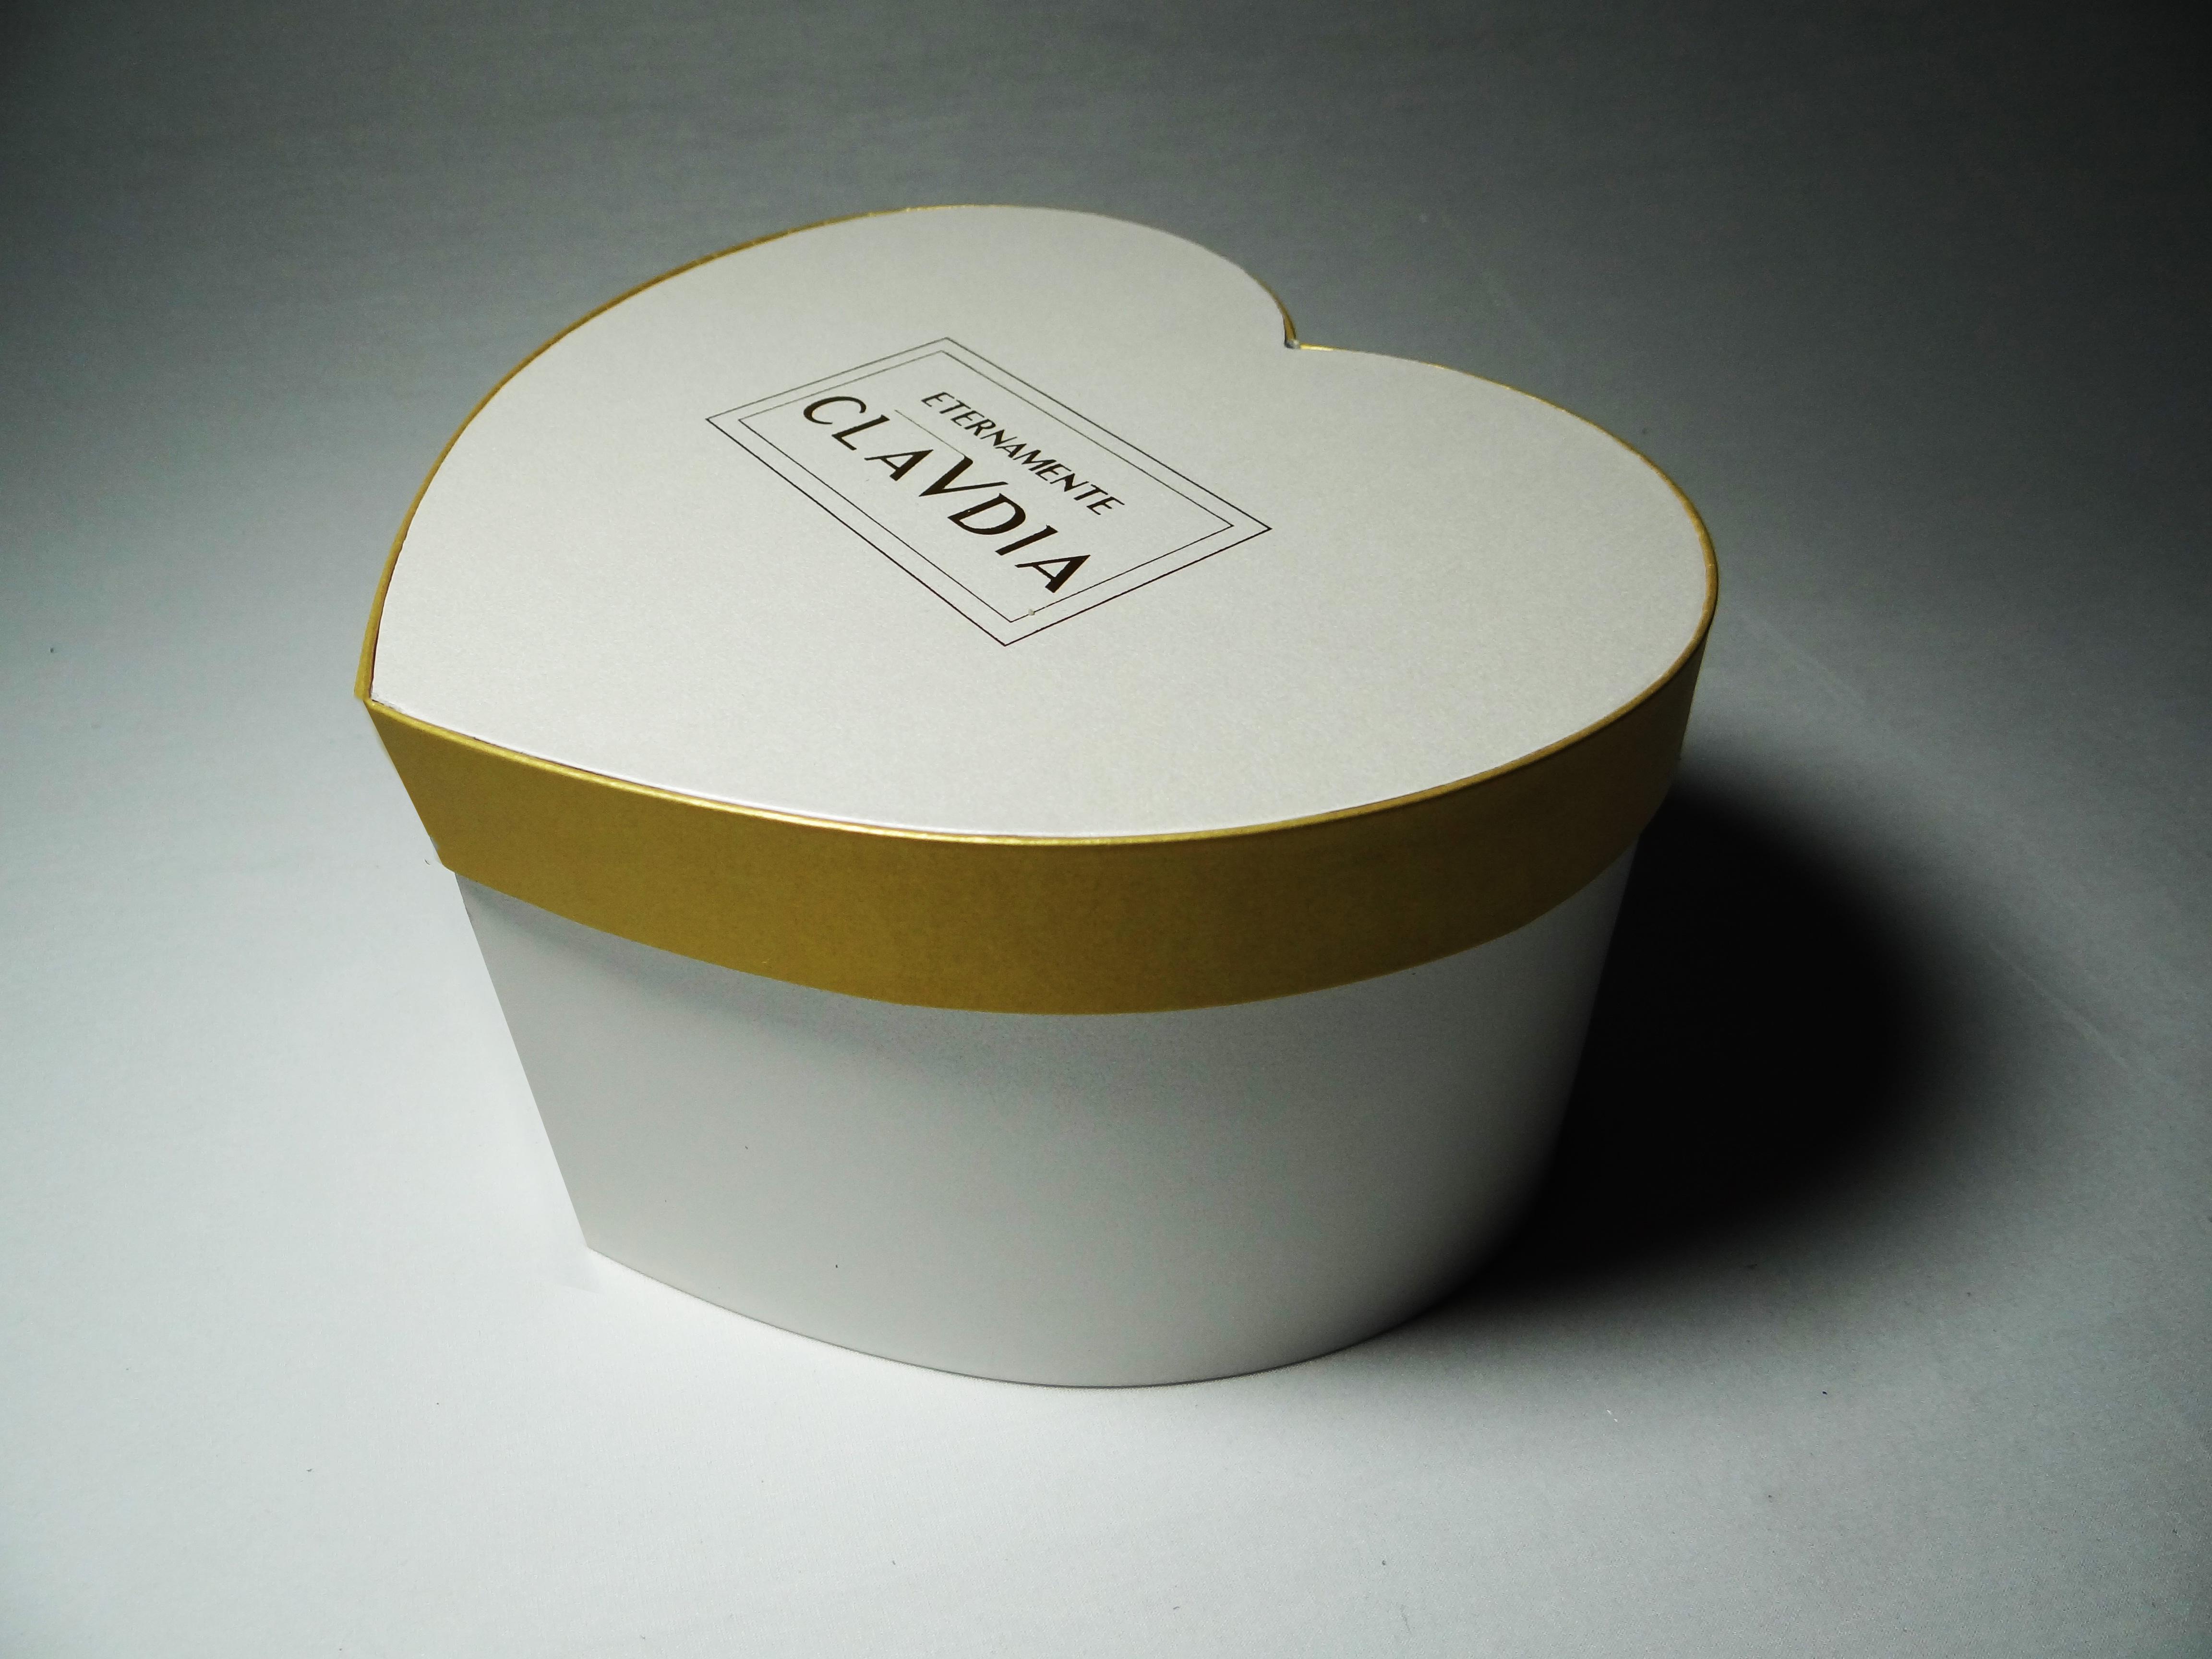 scatola-a-cuore-oro-bianca-chiusa